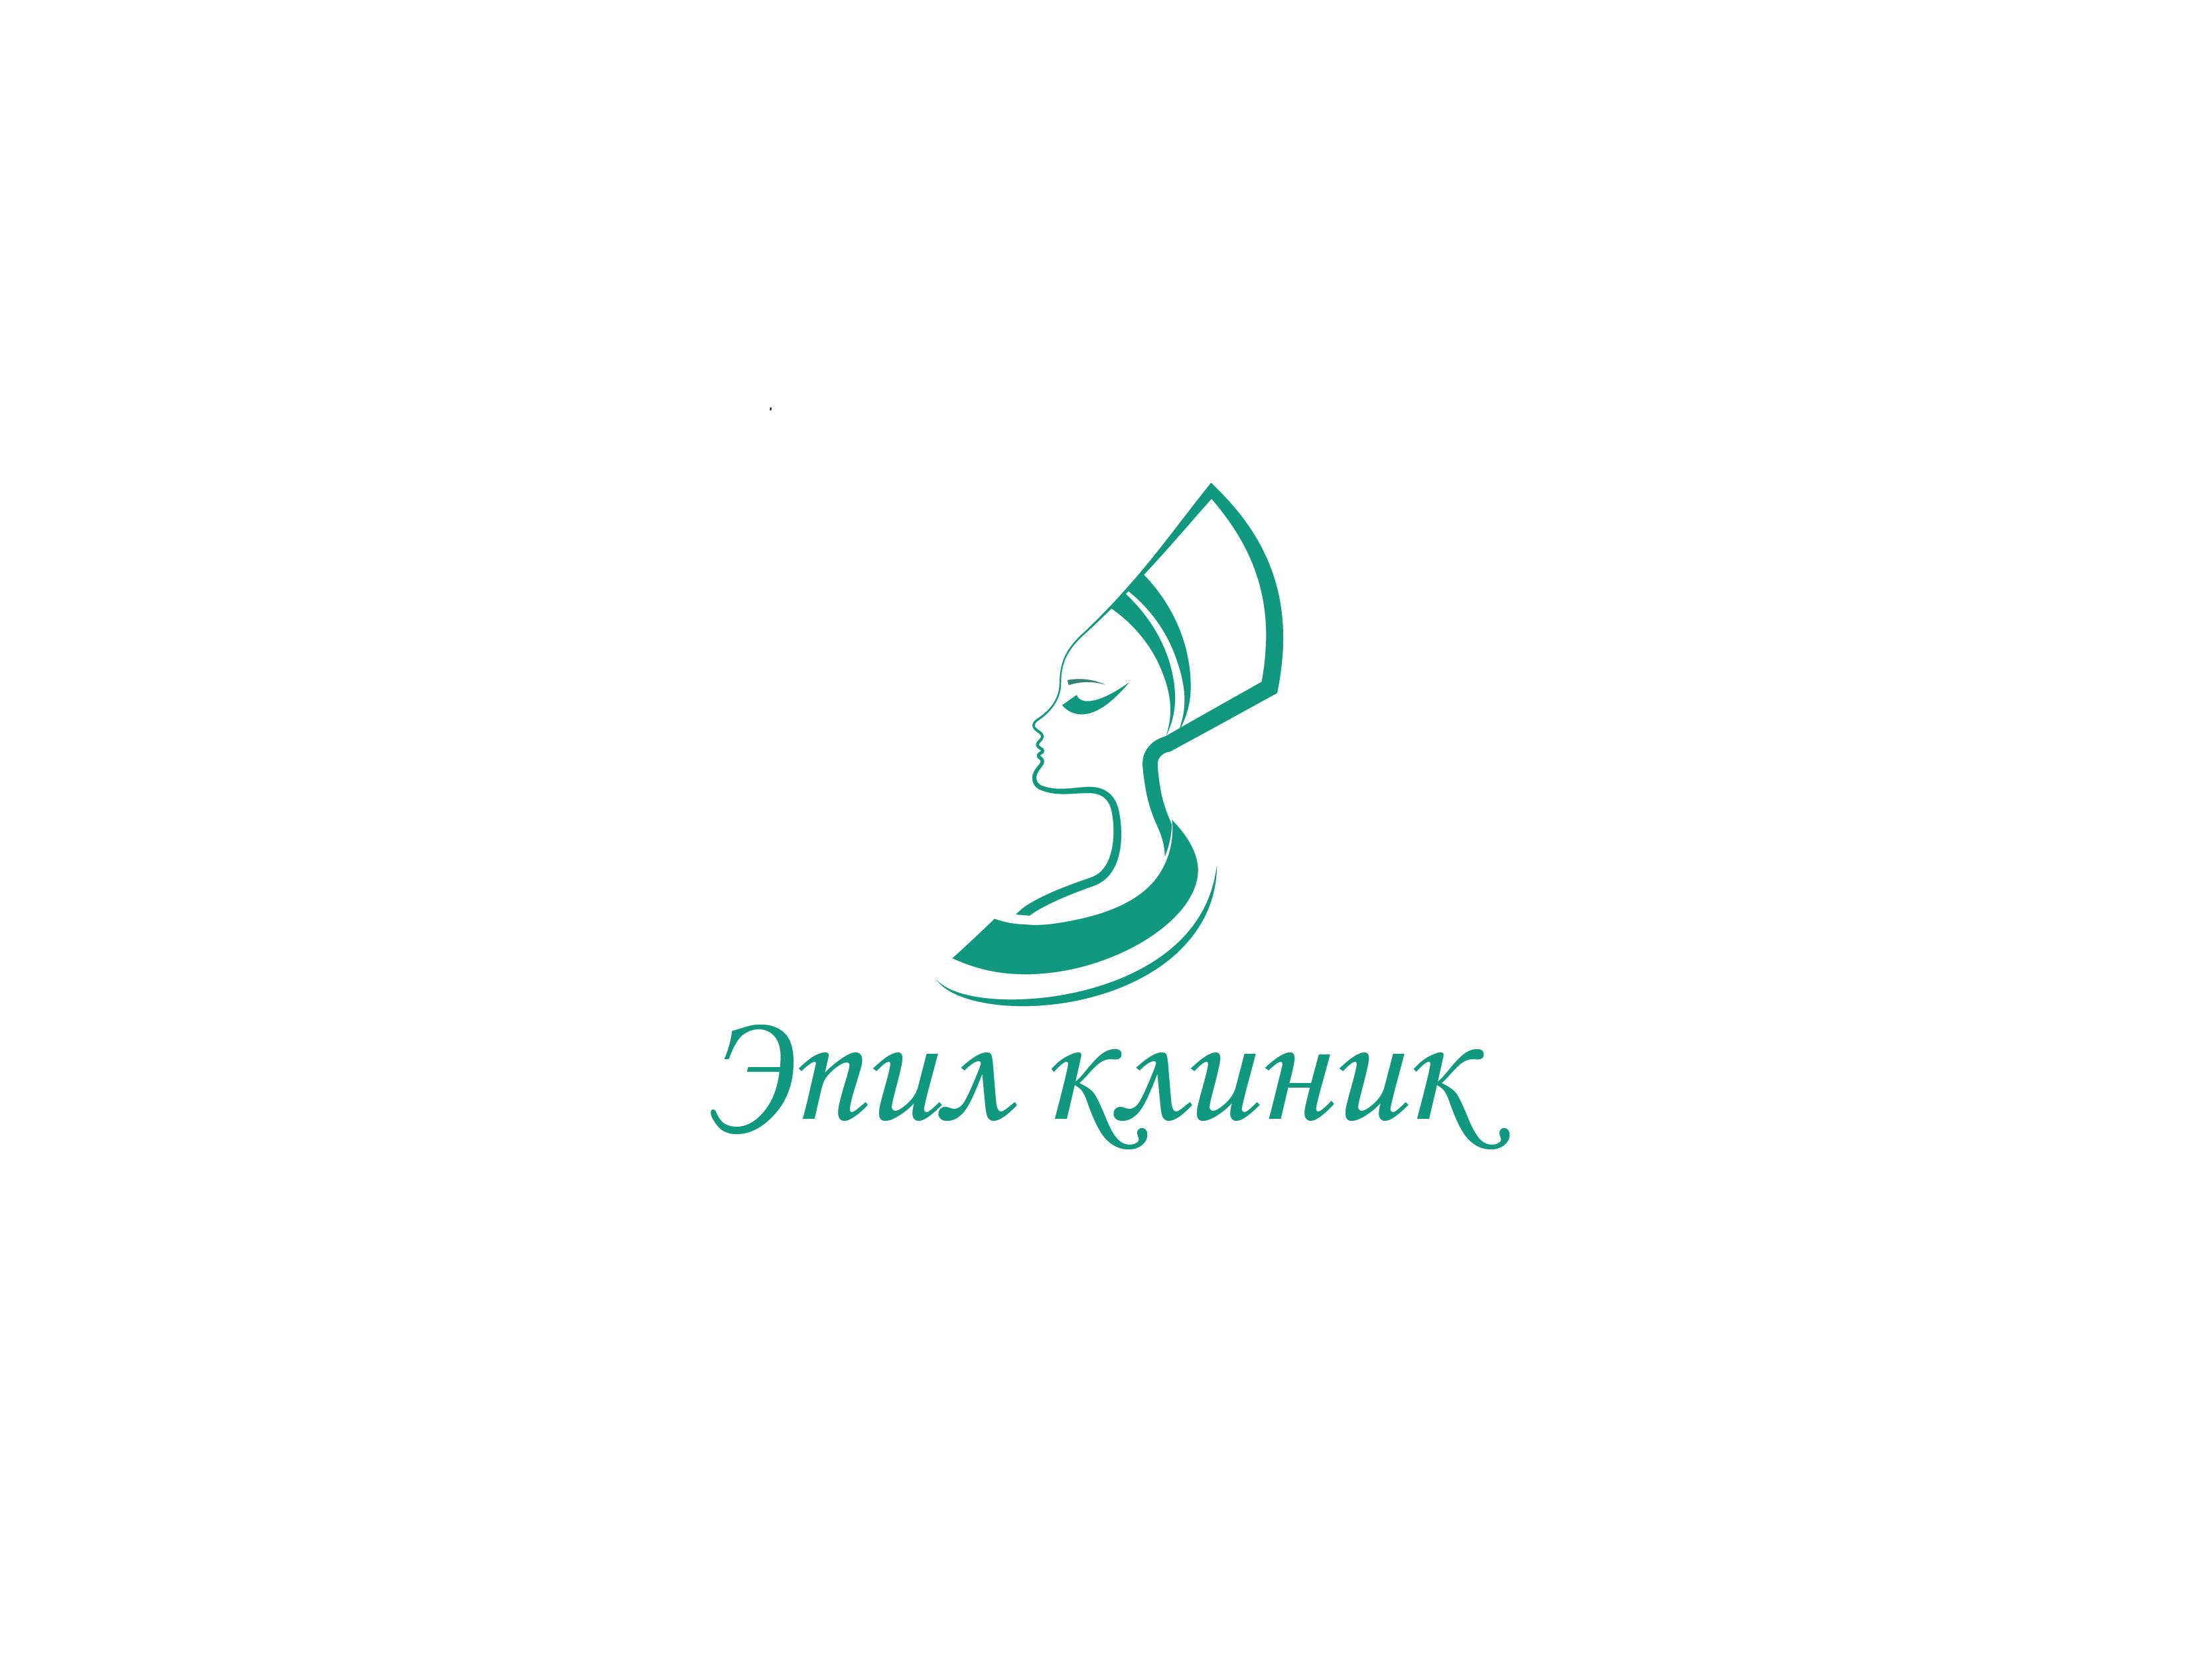 Логотип , фирменный стиль  фото f_8715e18a298a1641.png